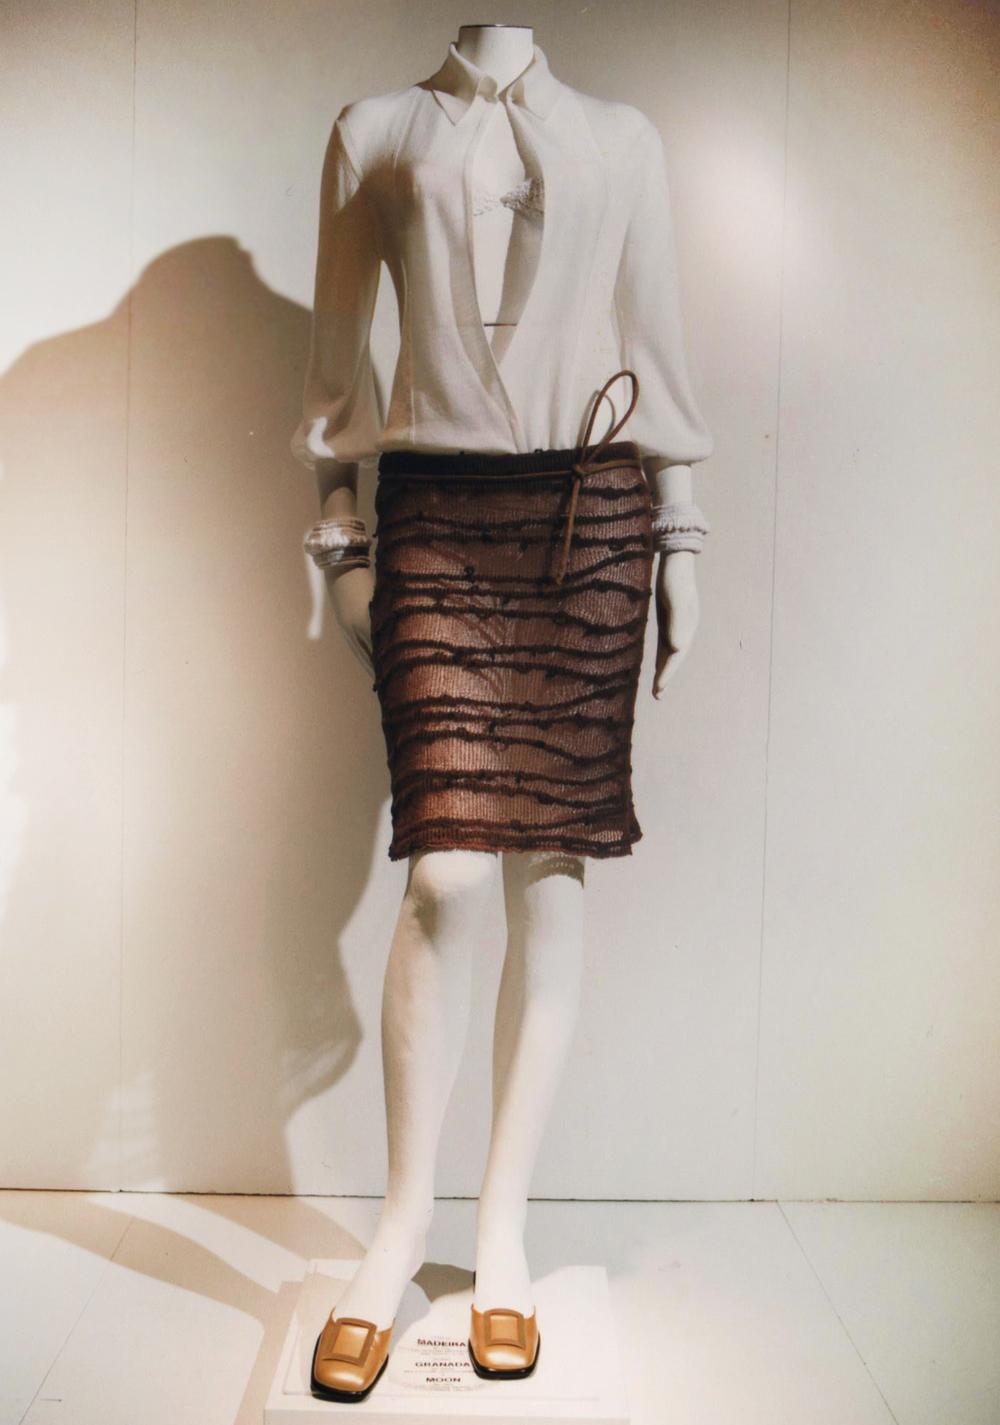 GiulianoeGiusyMarelli_ItalianSummer_2001_MadeInItaly_Knitwear_Design_6.jpg